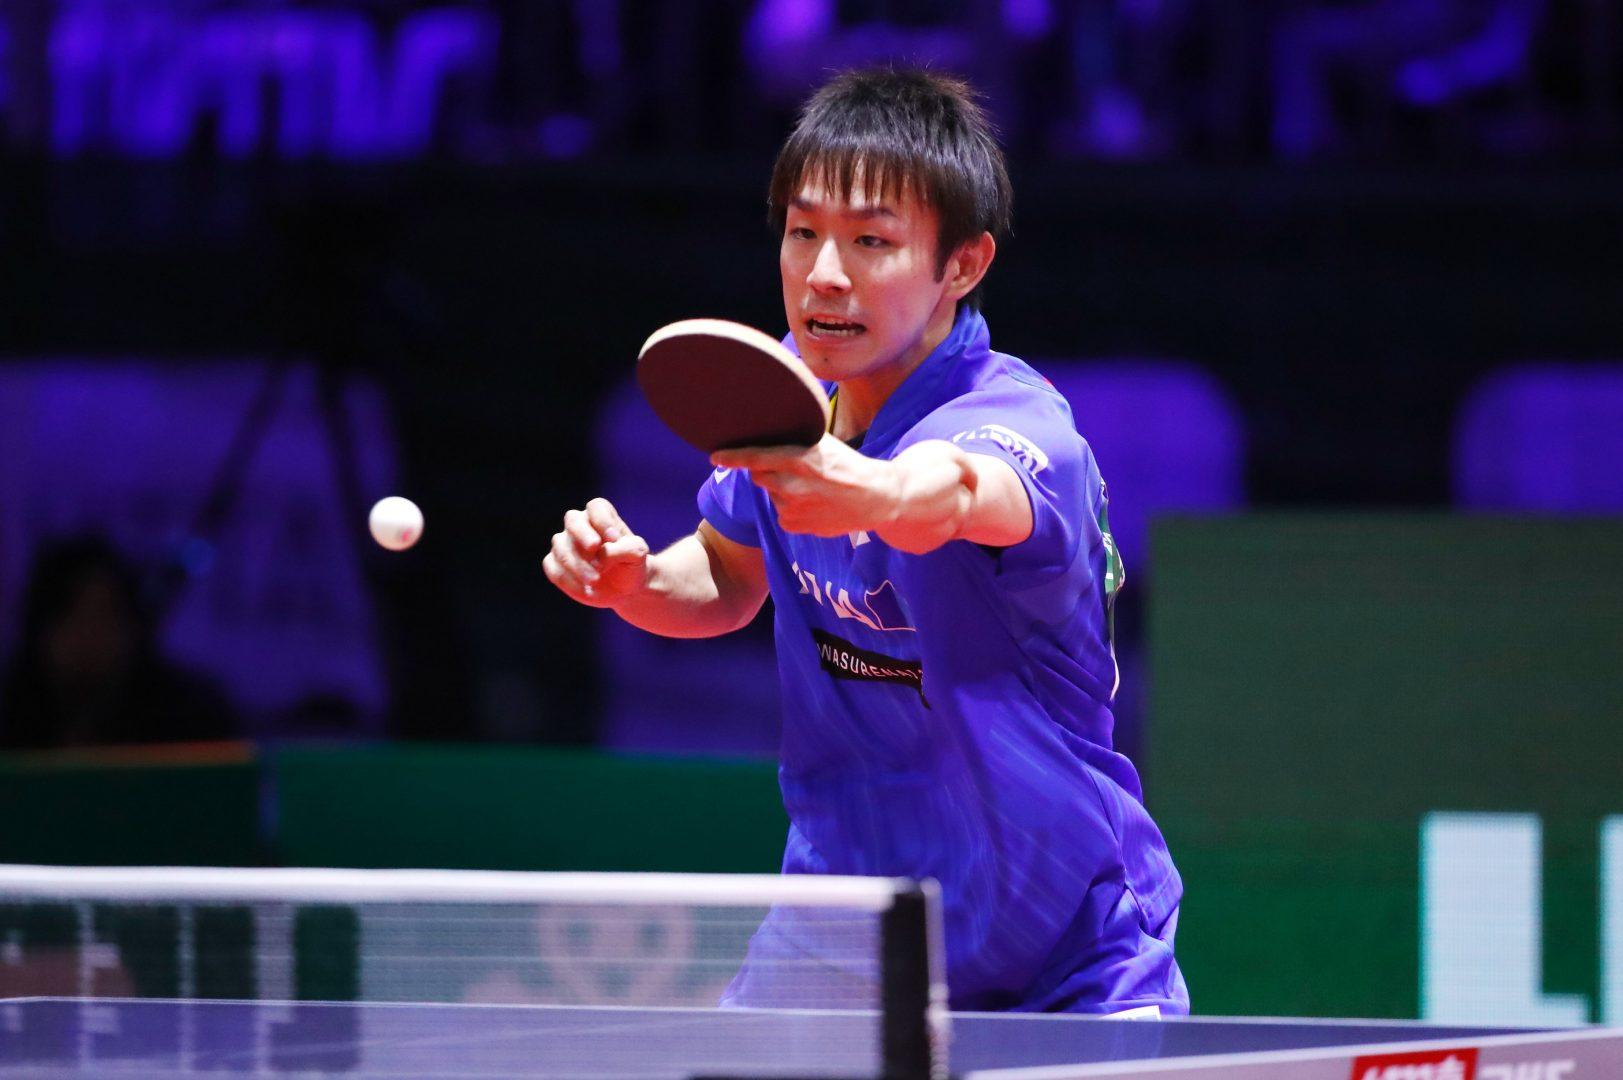 【2019年5月】今月の主要な卓球大会の予定と見どころ